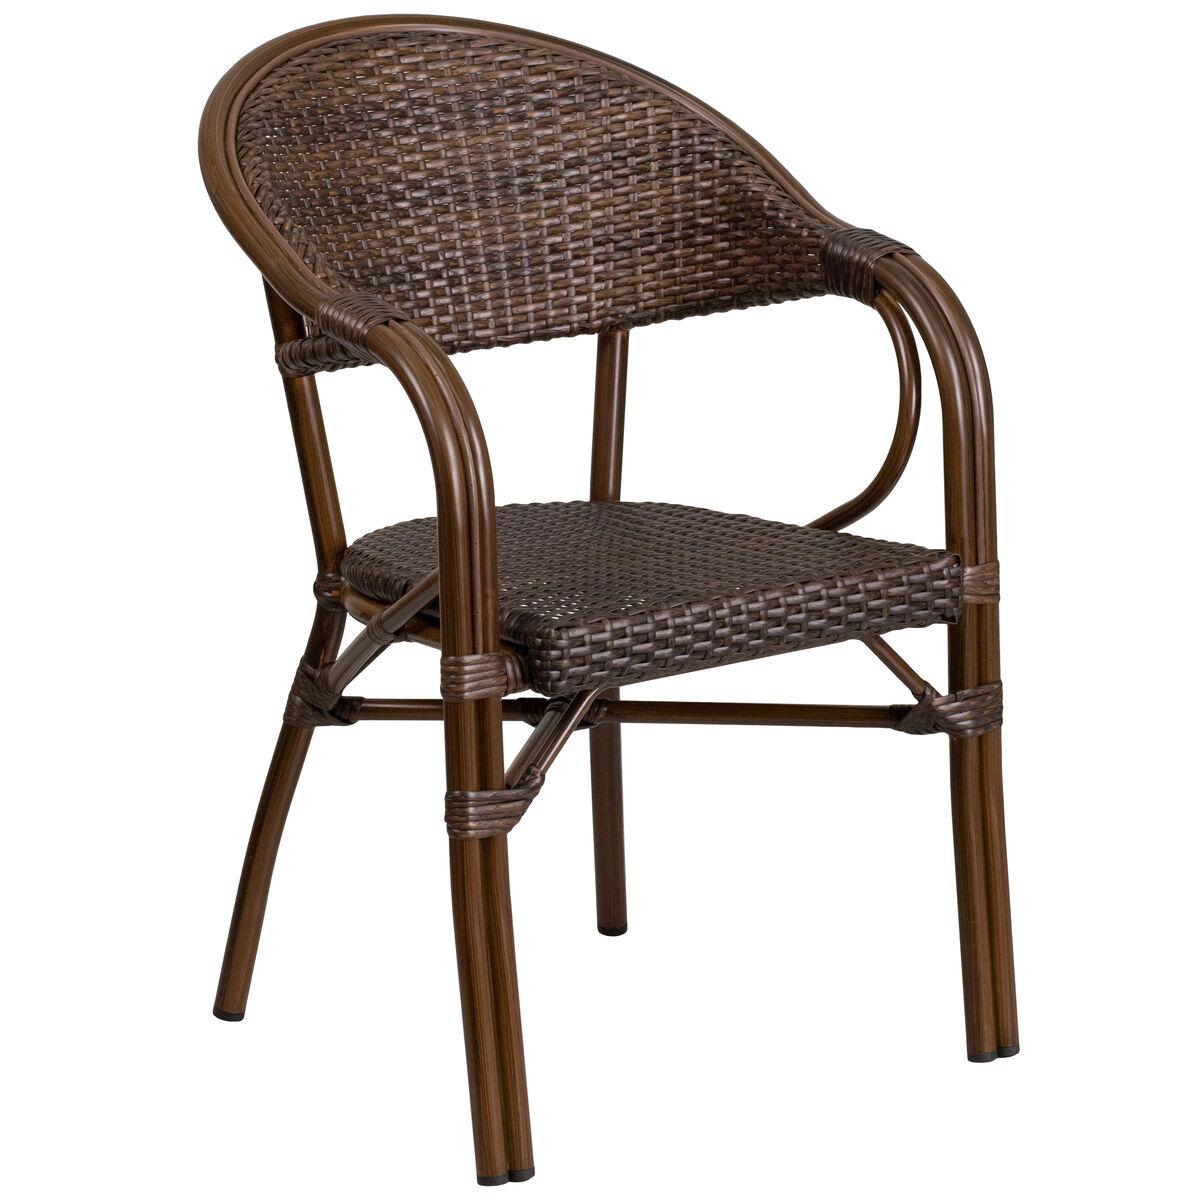 Rattan Bamboo Aluminum Chair Sda Ad642003r 1 Gg